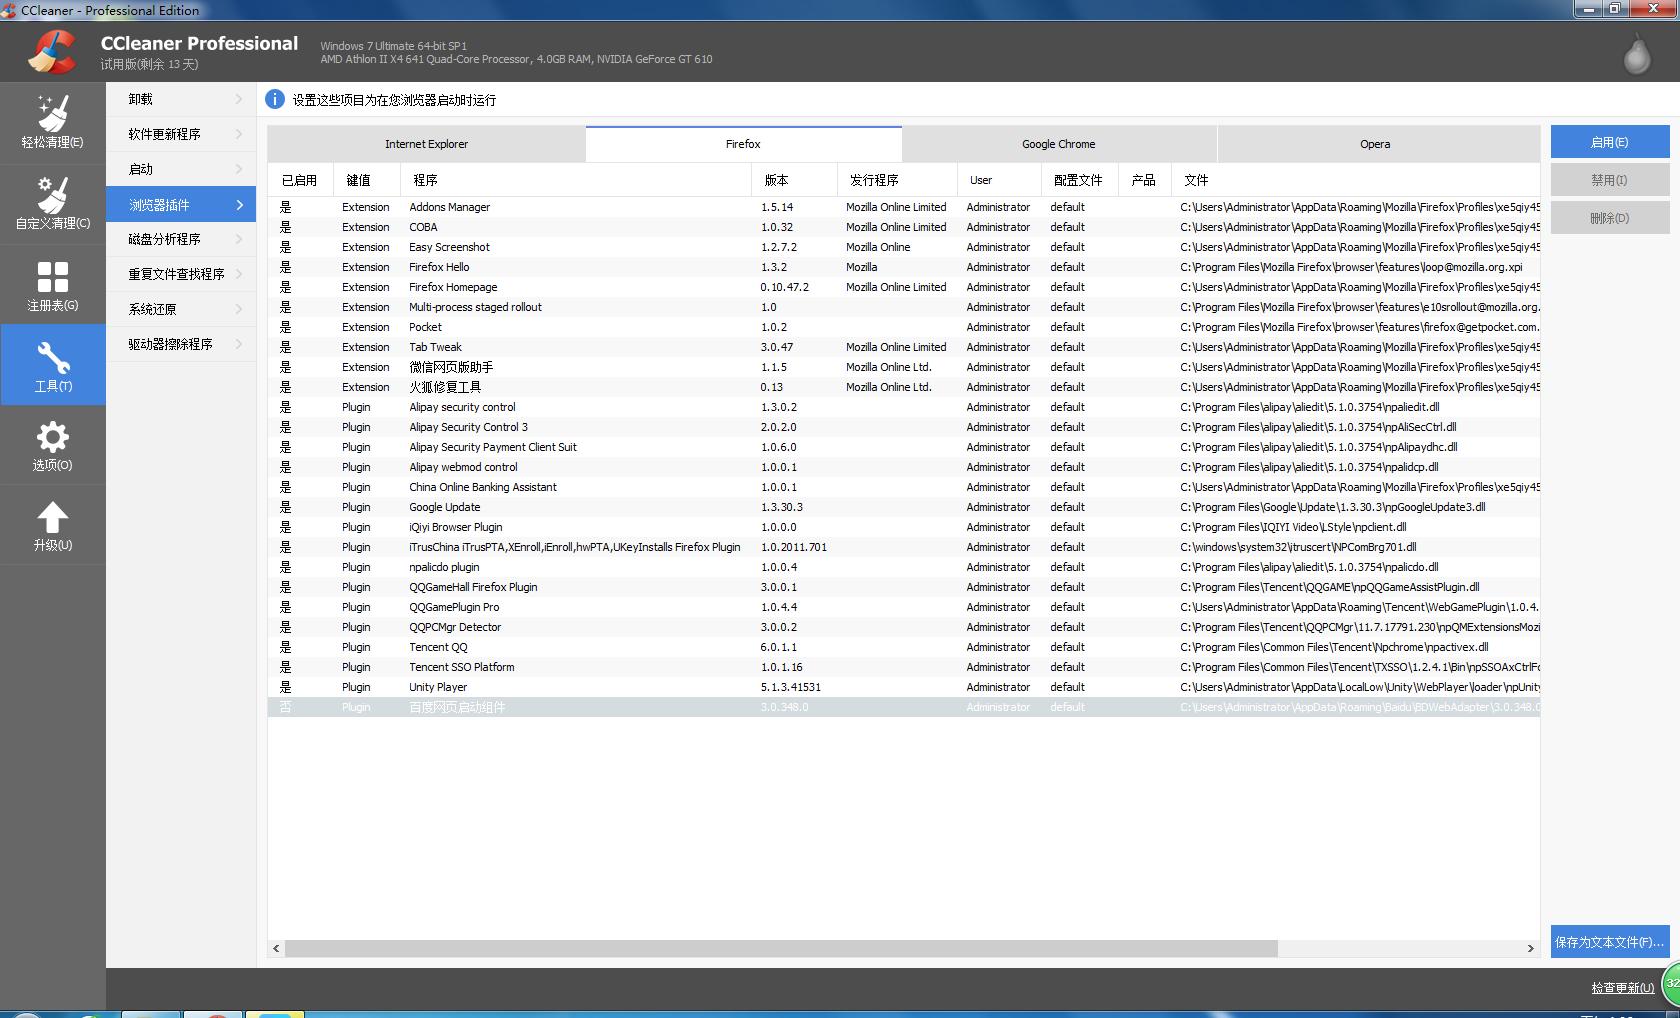 浏览器插件管理界面2